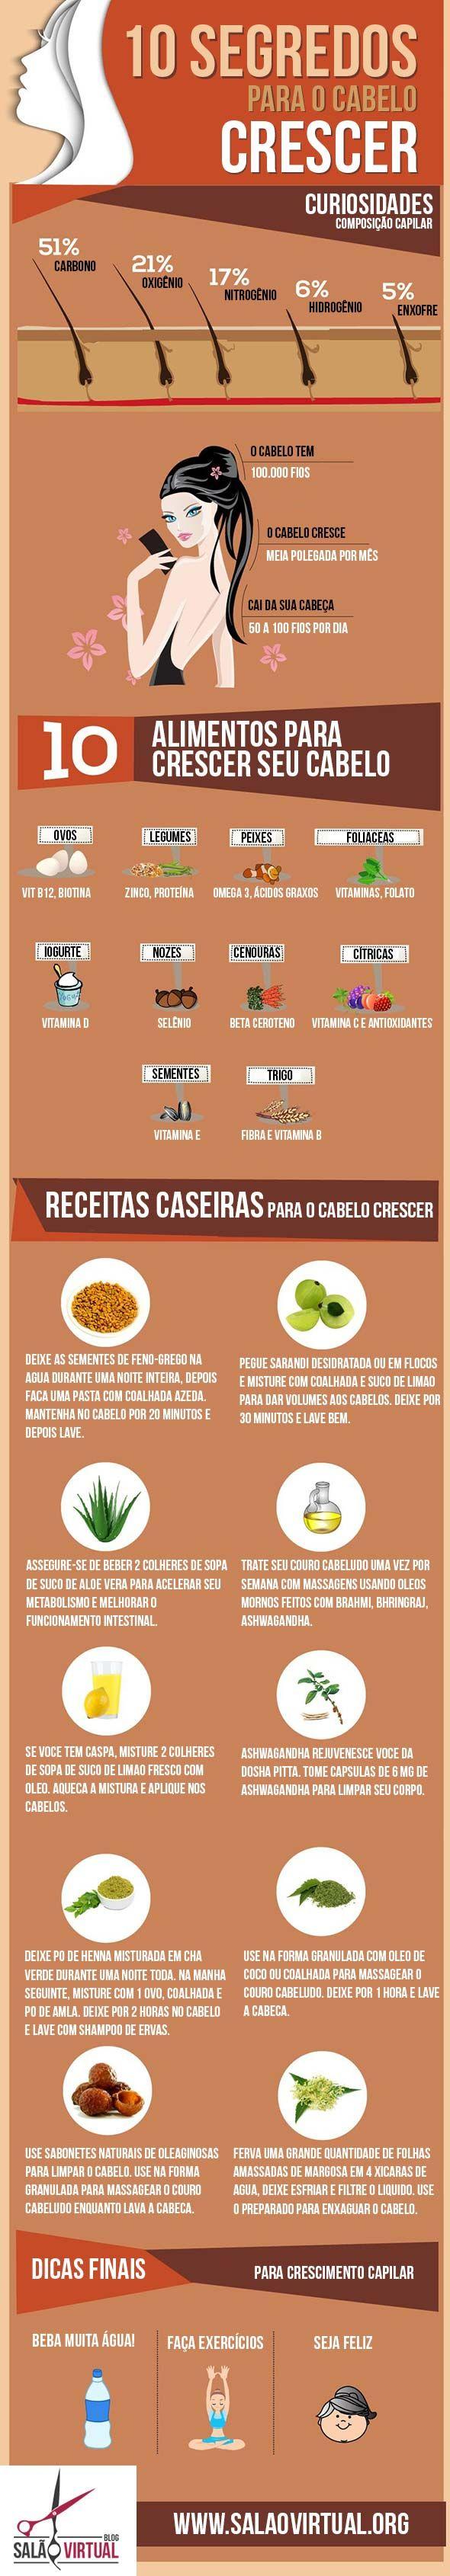 Super infográfico com segredos para crescer. Veja mais na nossa home: #dicas #segredos #tutorial http://salaovirtual.org/